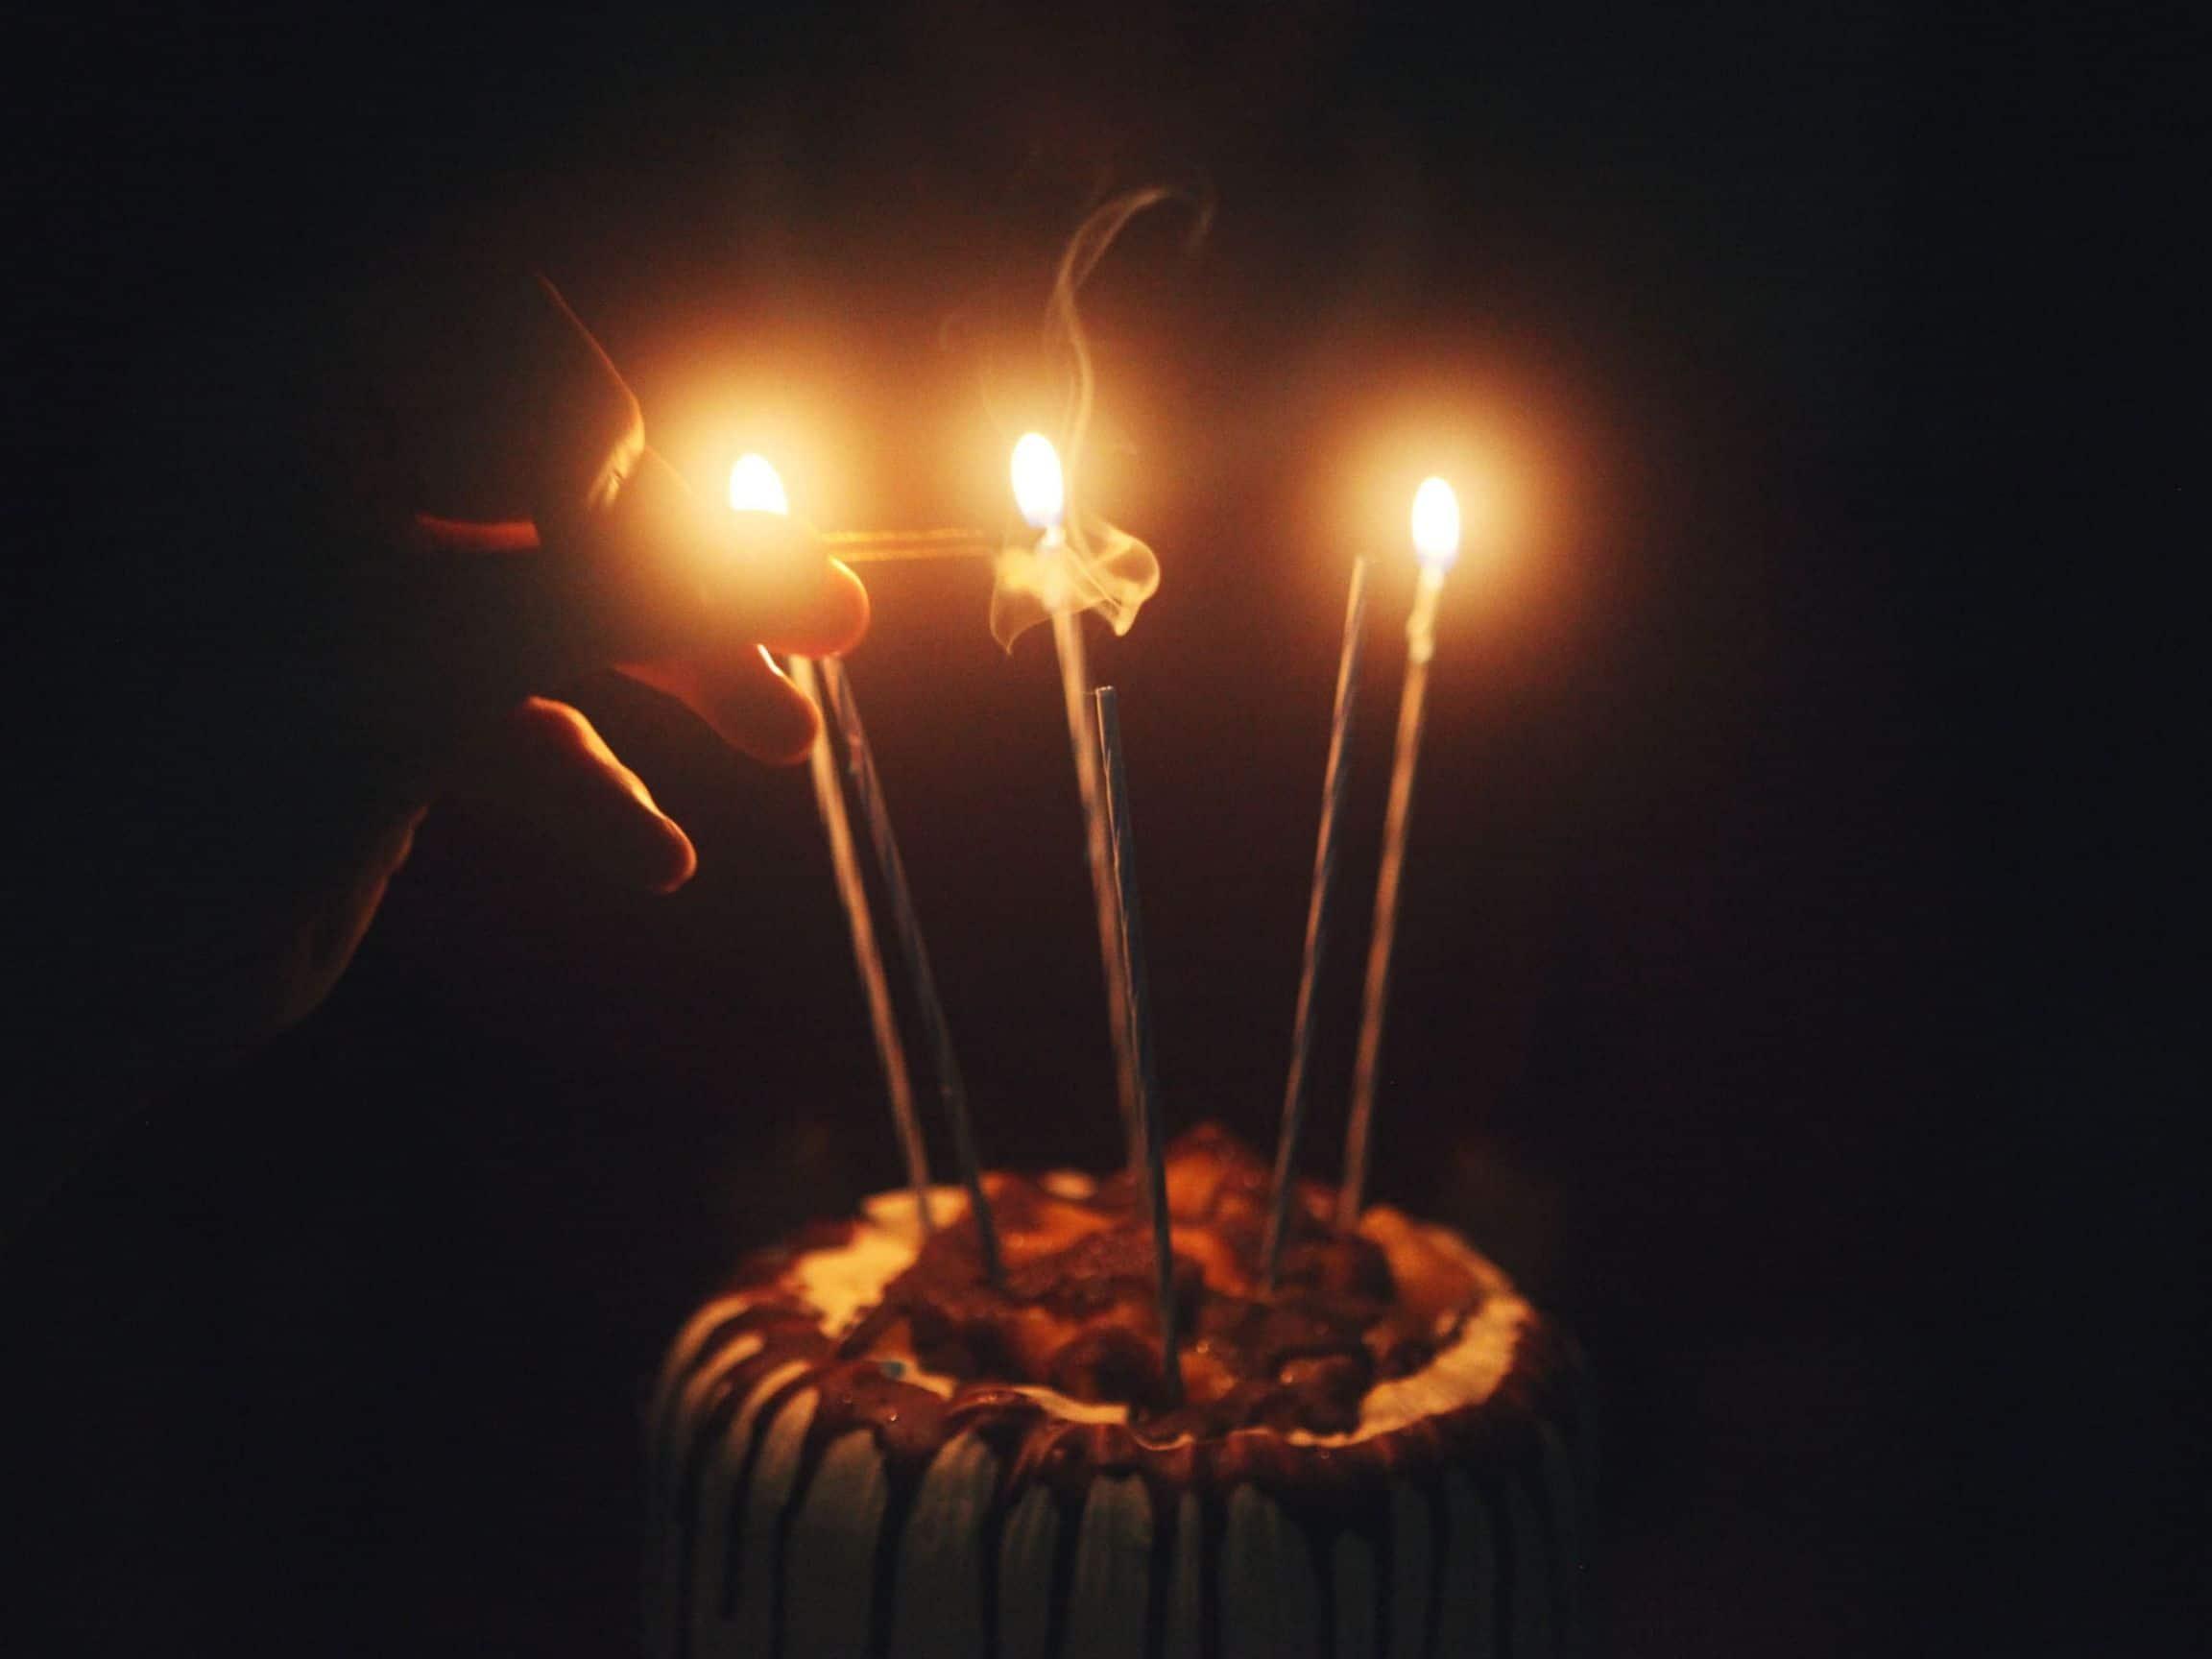 קצת סיכום, עוד חשוף, ו – הזמנה אישית מאד לחגוג איתי… הרהורי יום-הולדת 70 – (7)